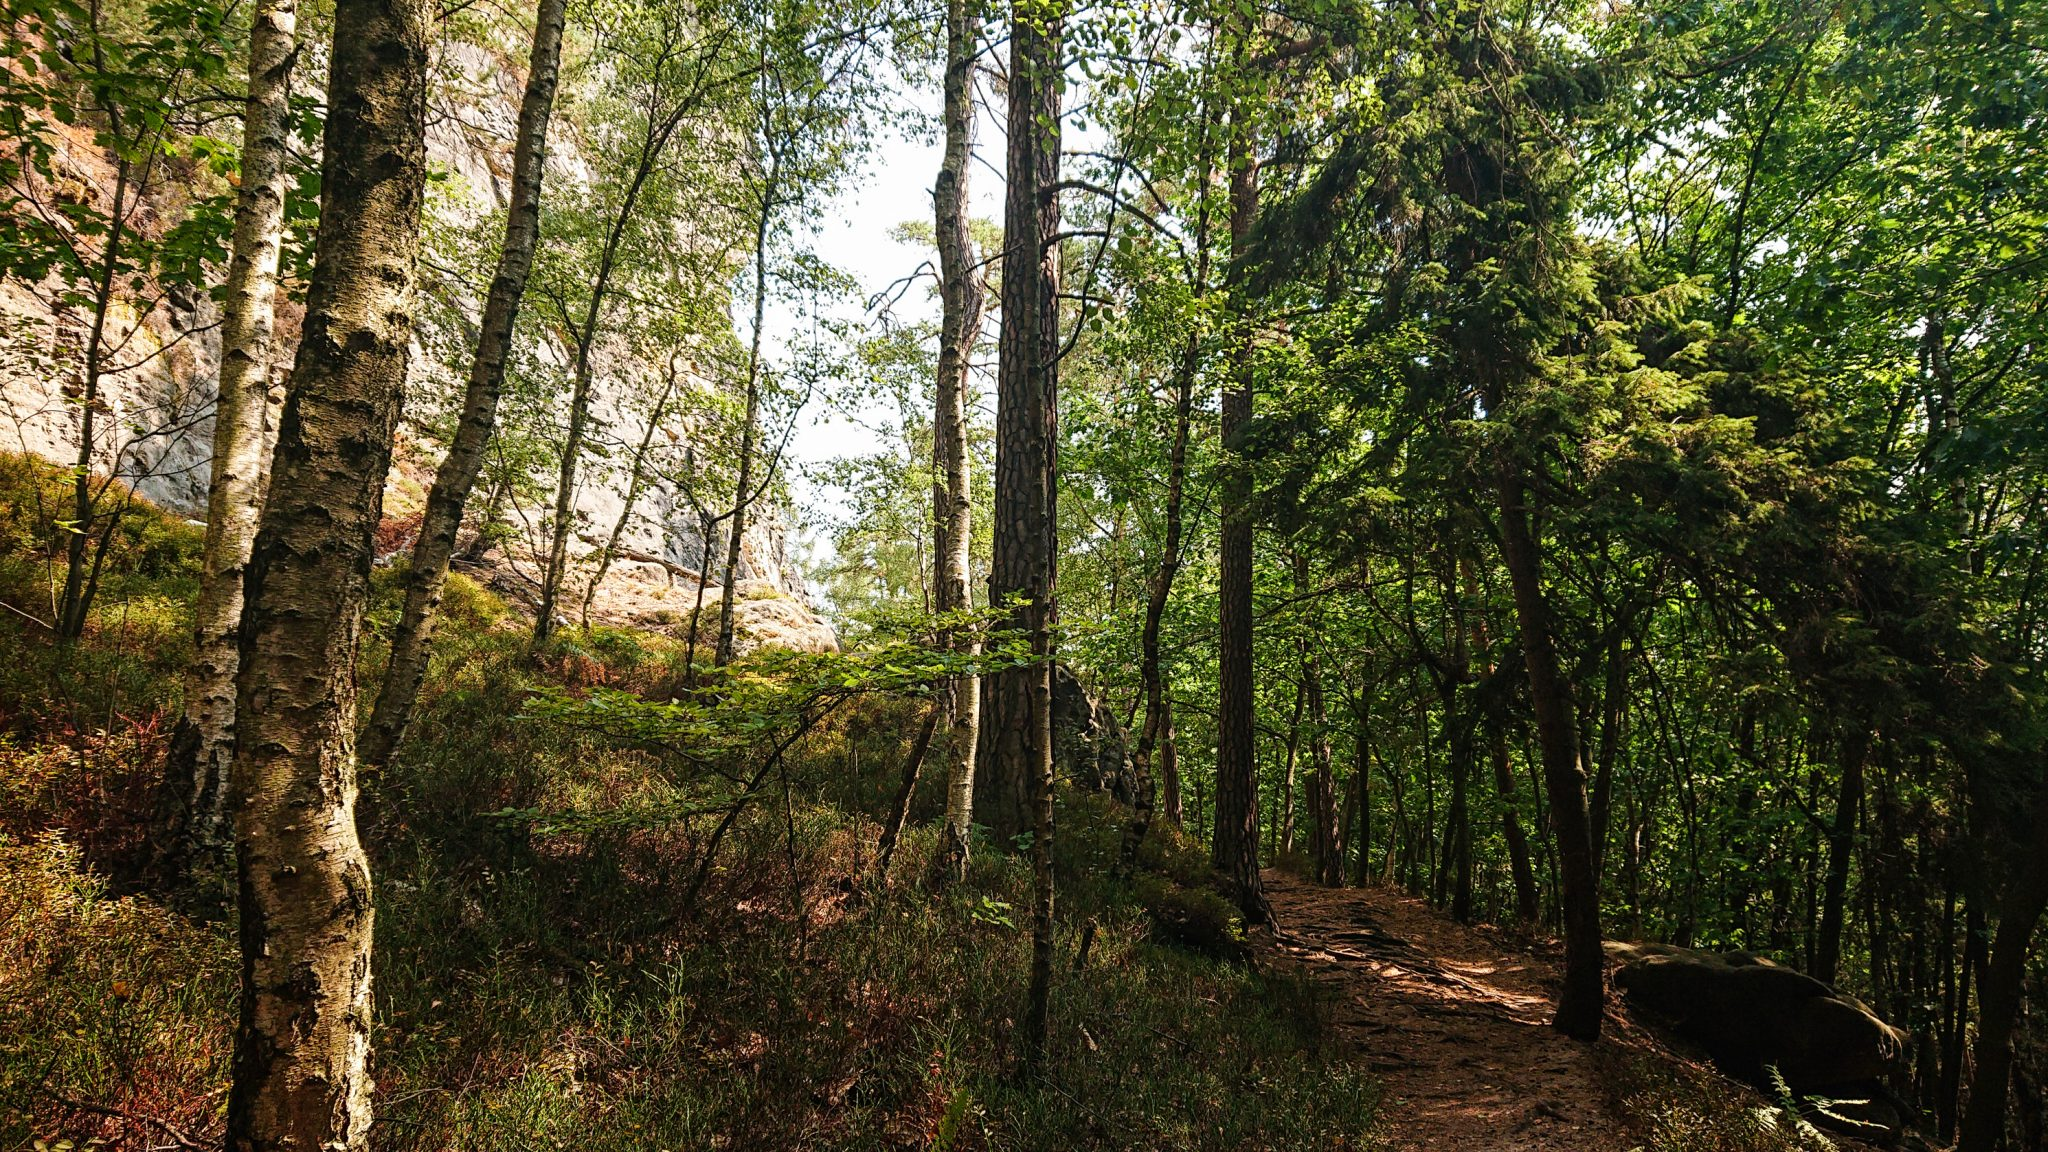 Zeughaus Roß- und Goldsteig Richterschlüchte im Kirnitzschtal wandern, Wanderweg im Wanderparadies Sächsische Schweiz mit vielen tollen Aussichten, riesiger Felsennationalpark, schattenspendender Wald